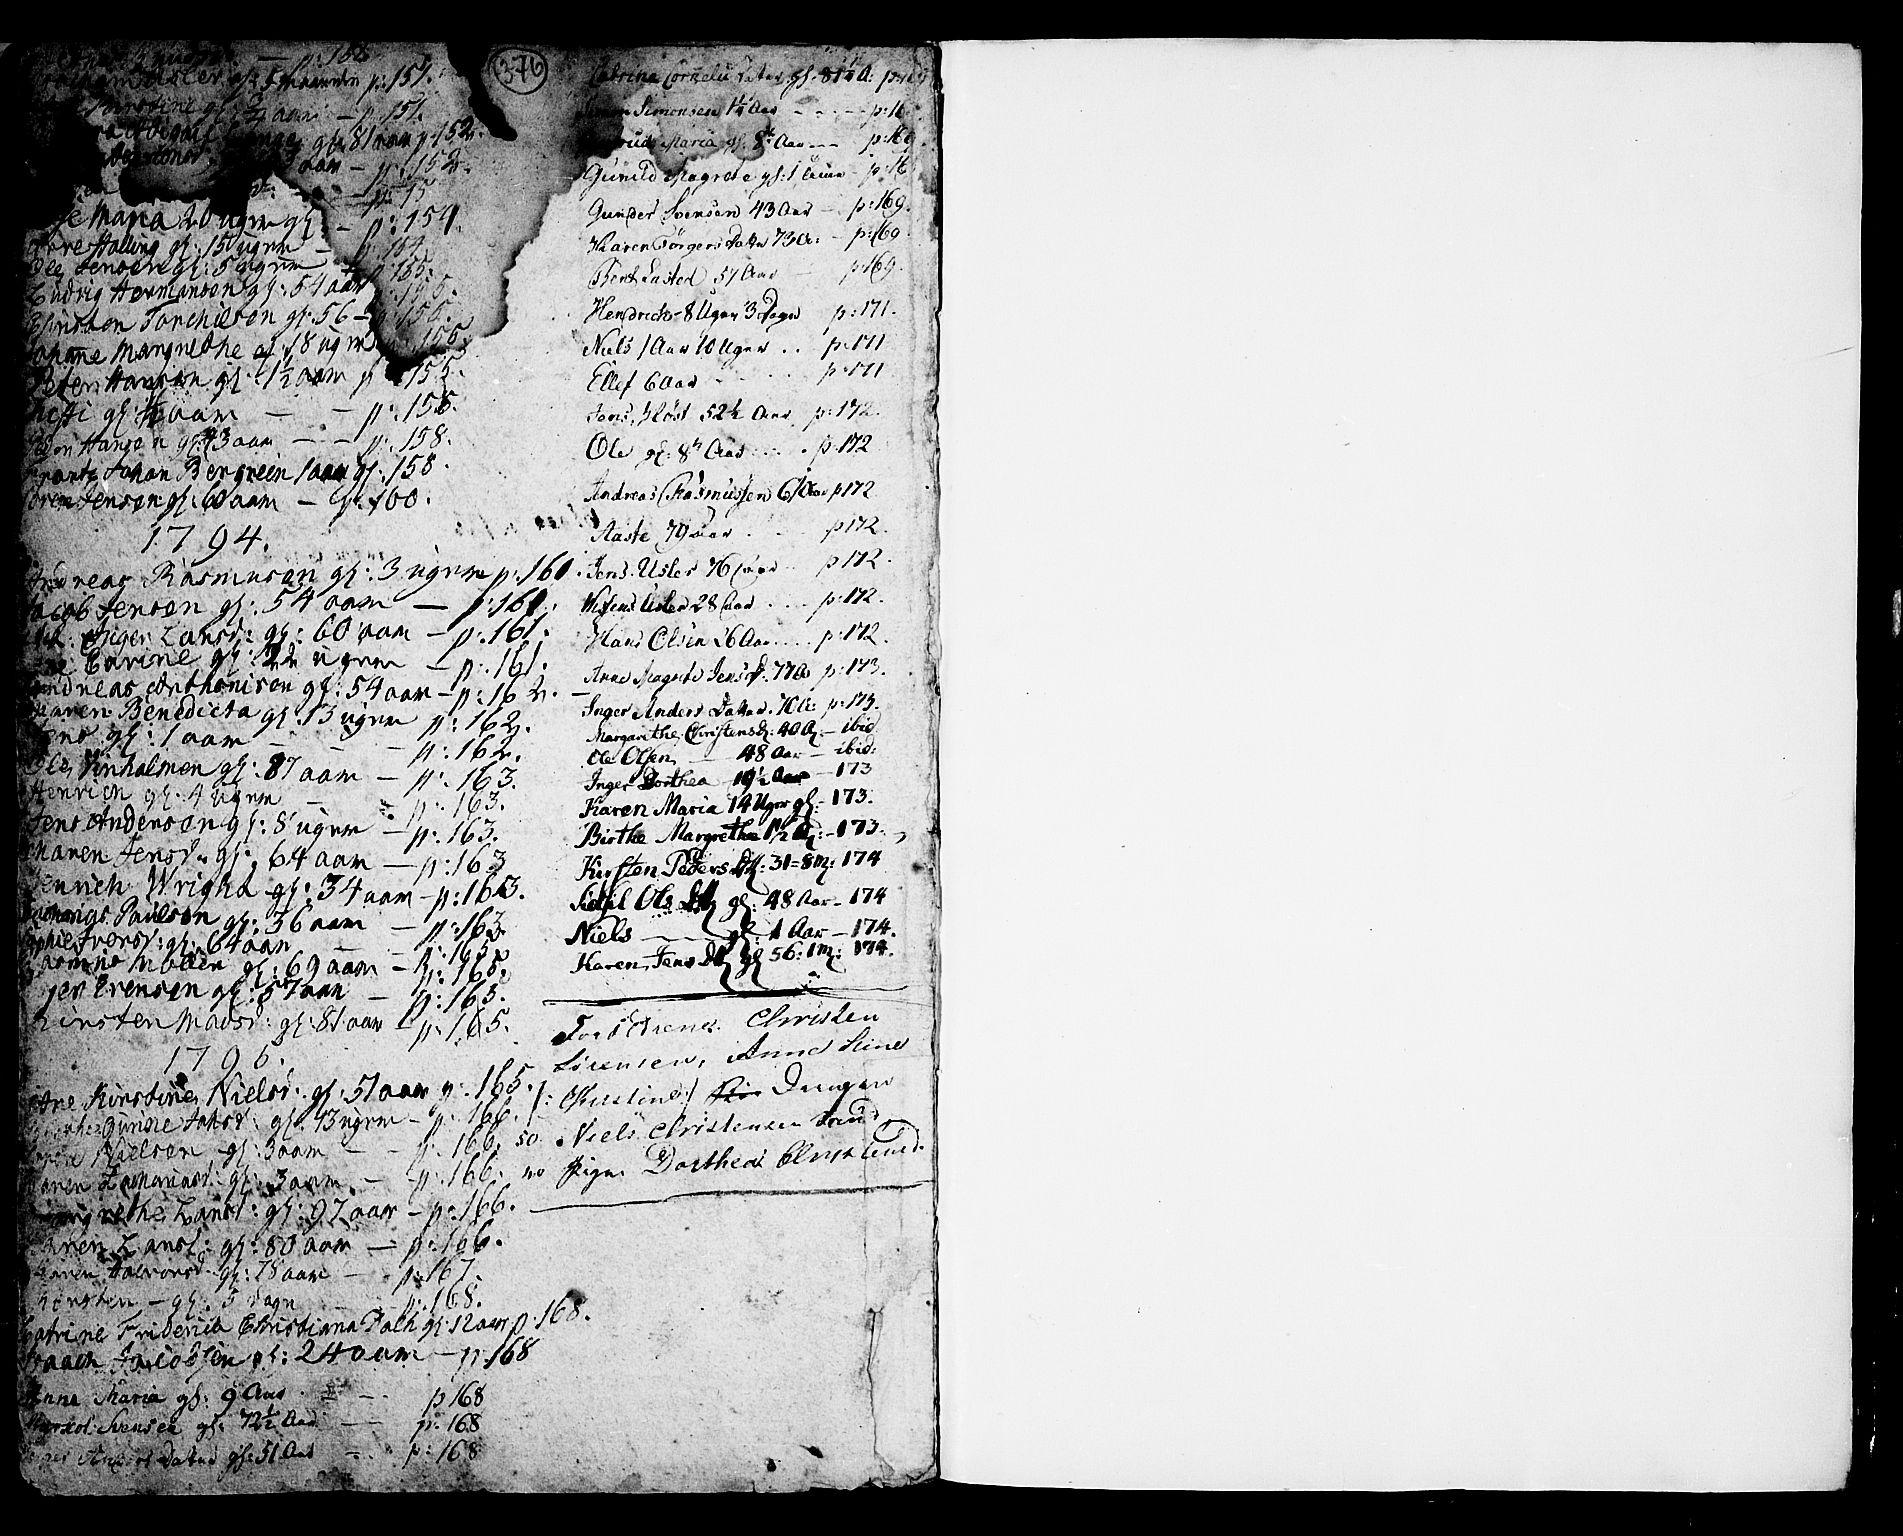 SAKO, Porsgrunn kirkebøker , F/Fa/L0001: Ministerialbok nr. 1, 1764-1814, s. 376-377